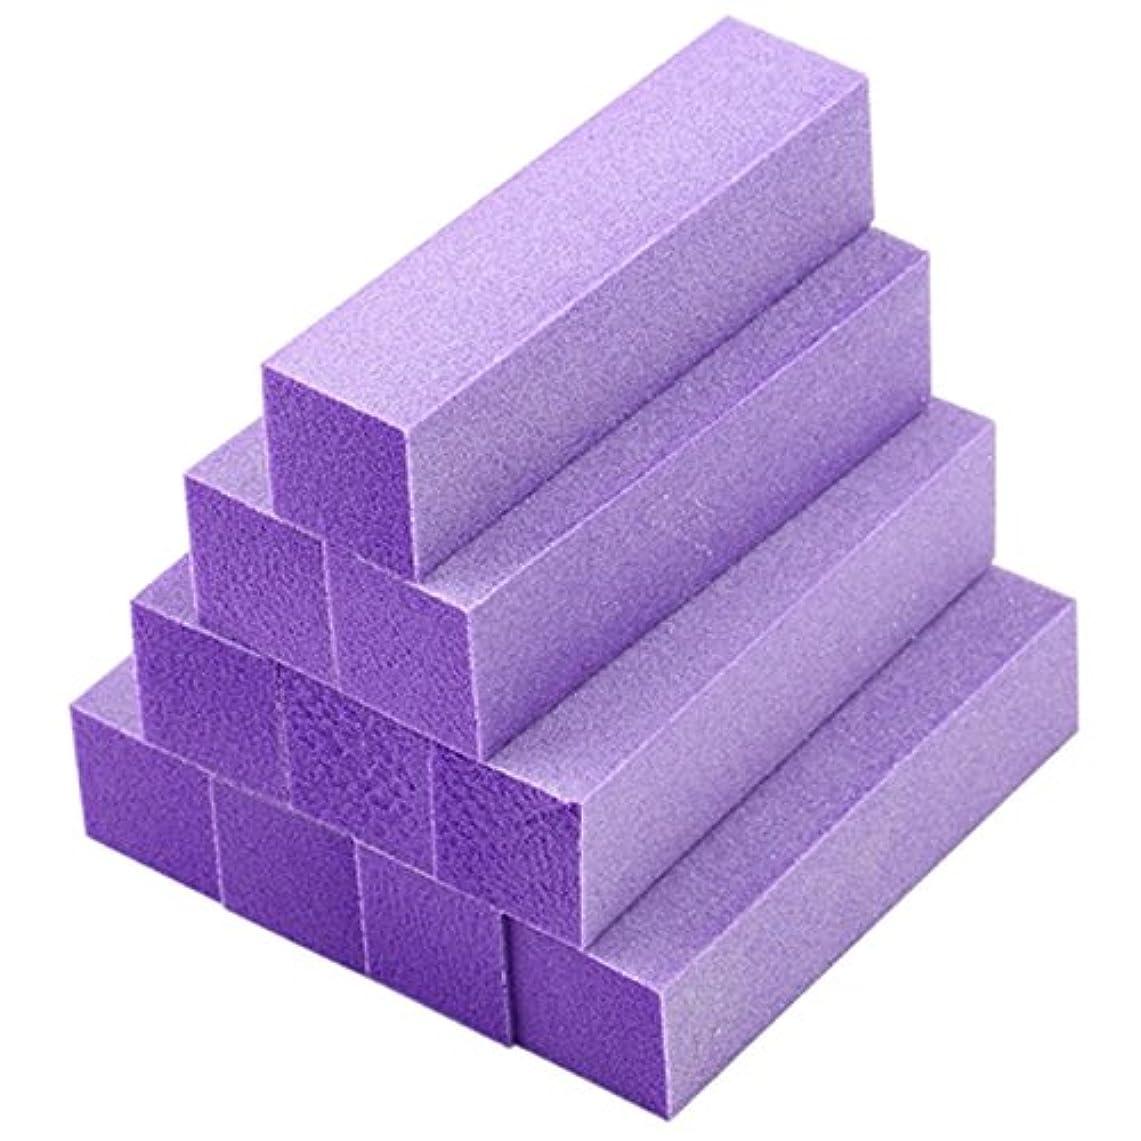 手配する面積倉庫Nrpfell 10xバフ研磨 バッファブロックファイル アクリルペディキュアマニキュアネイルアートチップ (色:紫)